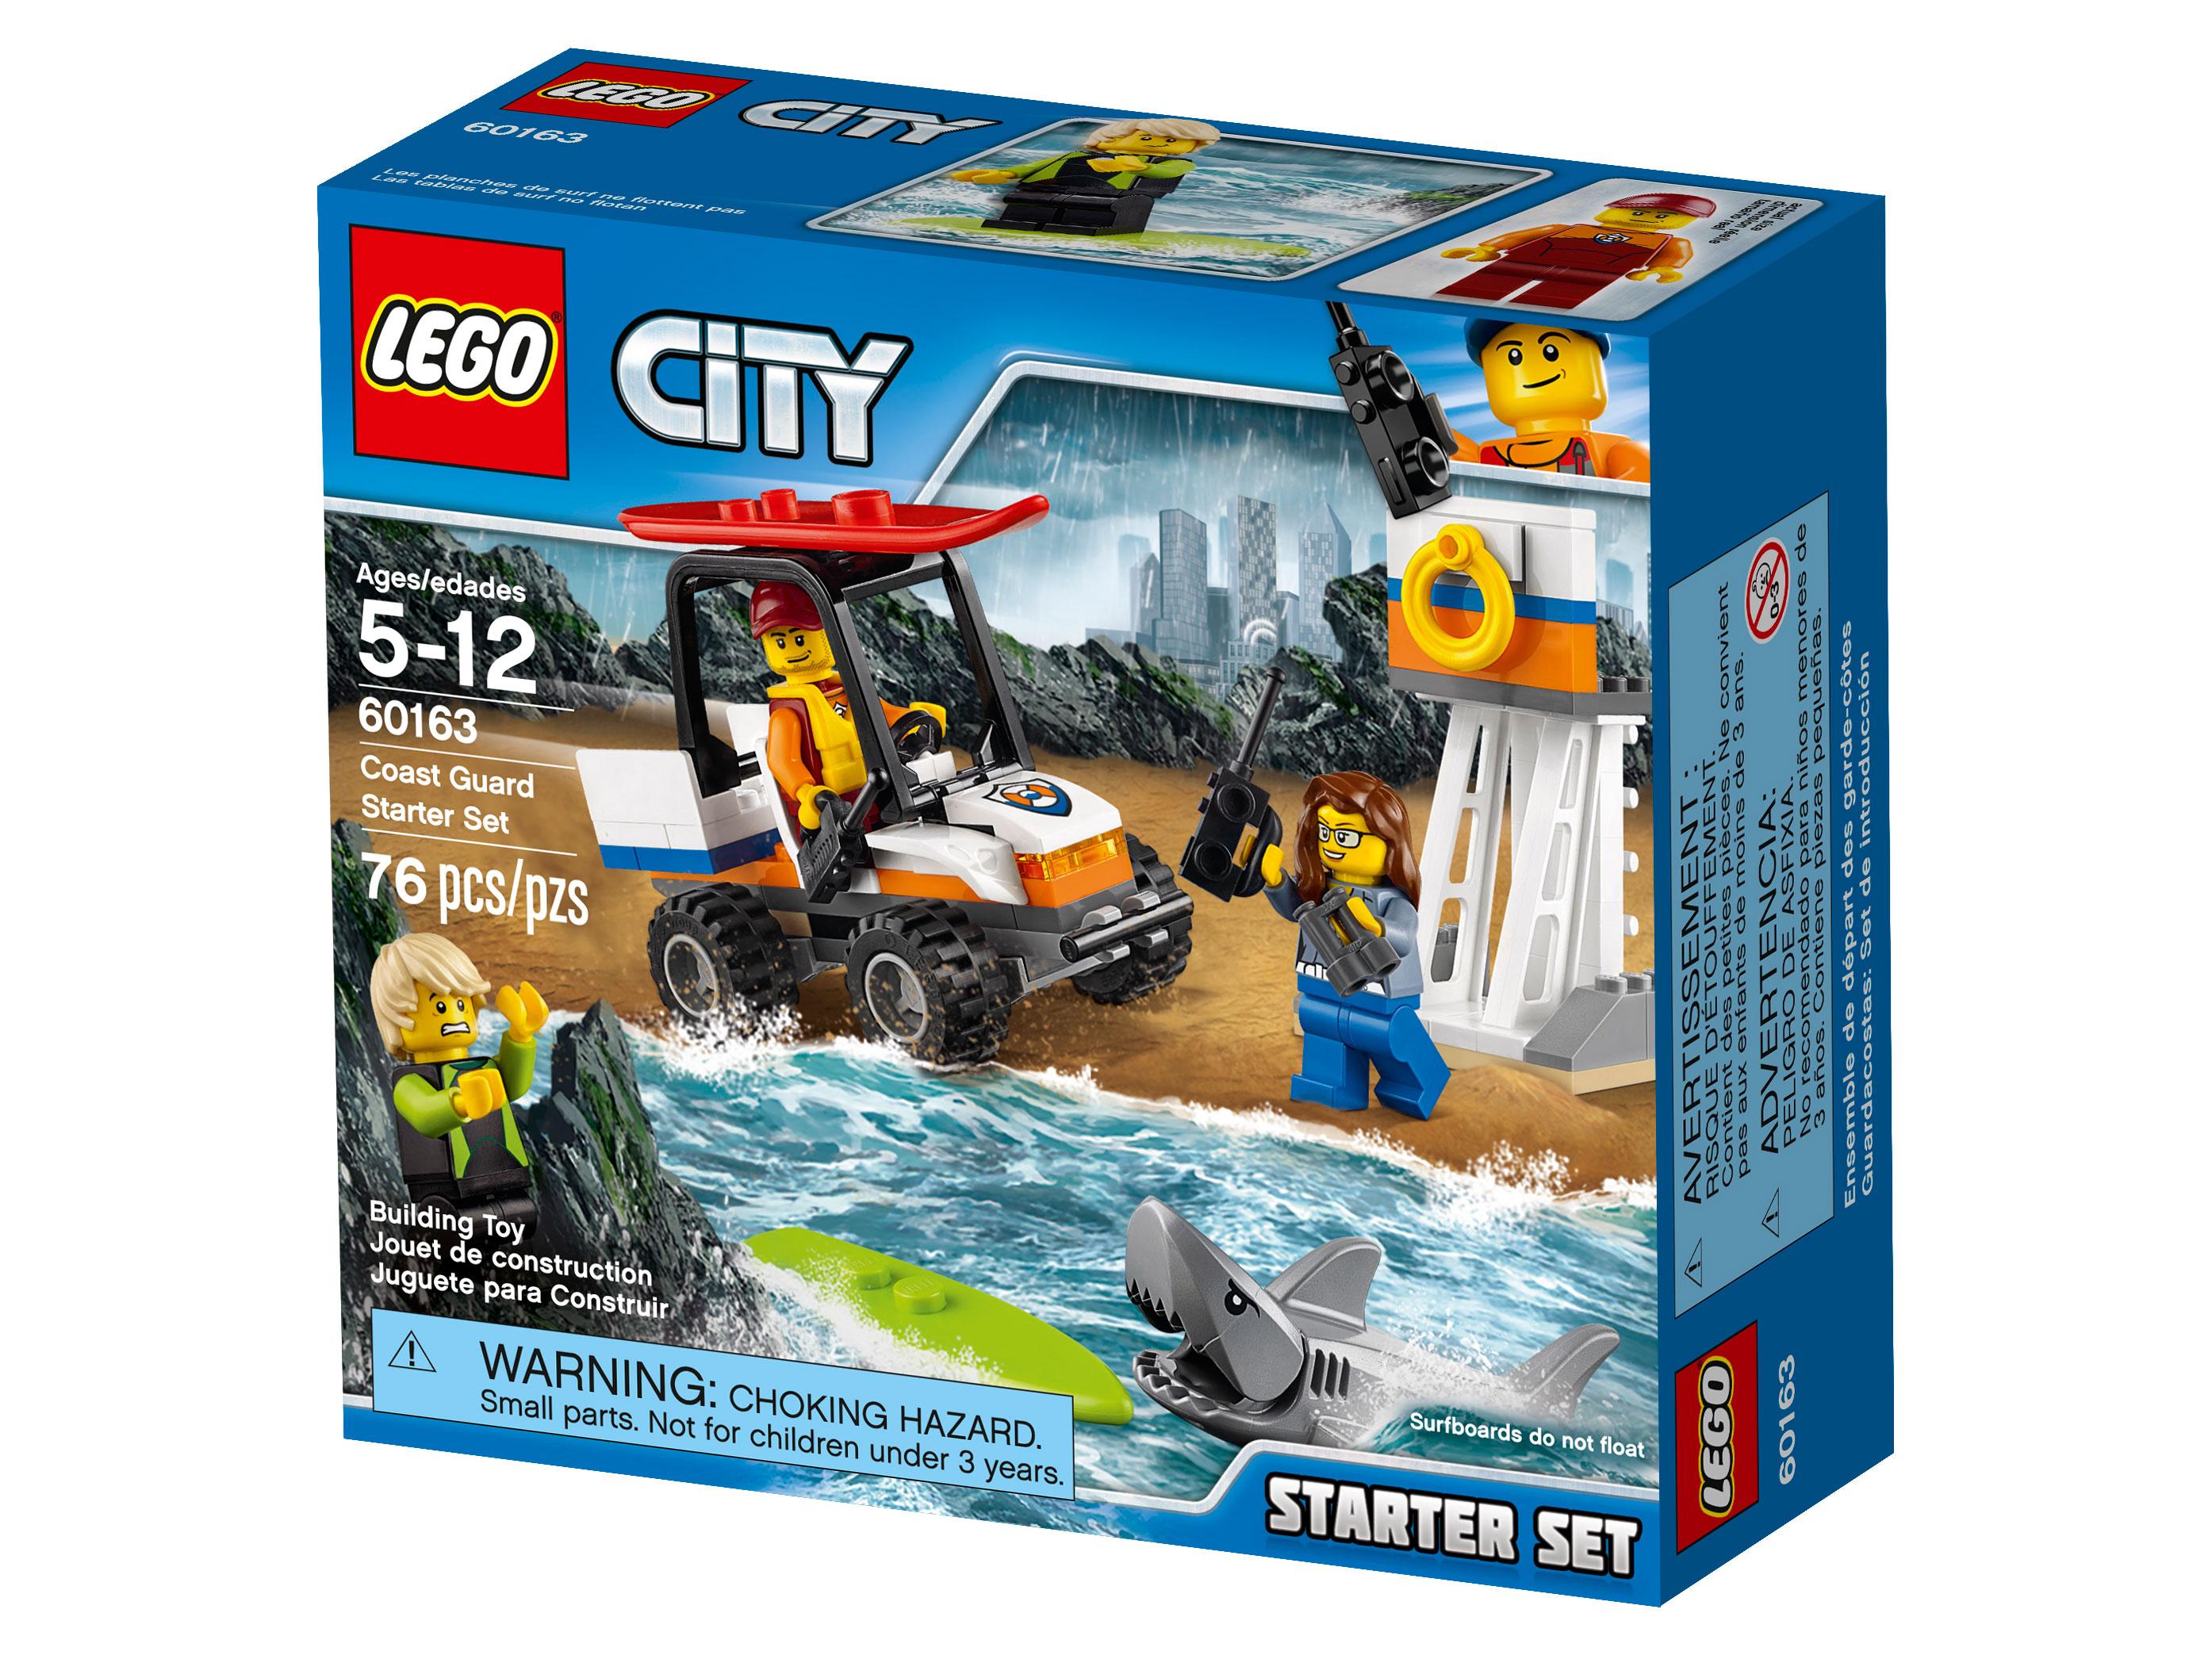 Набор для начинающих «Береговая охрана»Теперь ты сотрудник береговой охраны! Скорее бери рацию и отправляйся на пляж LEGO® City! Забирайся на вышку и высматривай опасность в морских волнах! Вызови спасателей, чтобы помочь попавшему в беду сёрферу. Садись за руль пляжного багги и скорее отправляйся к воде! Хватай доску для сёрфинга и плыви на помощь сёрферу, пока акула не догнала его. Новые приключения ждут сотрудника береговой охраны LEGO City каждый день!<br>